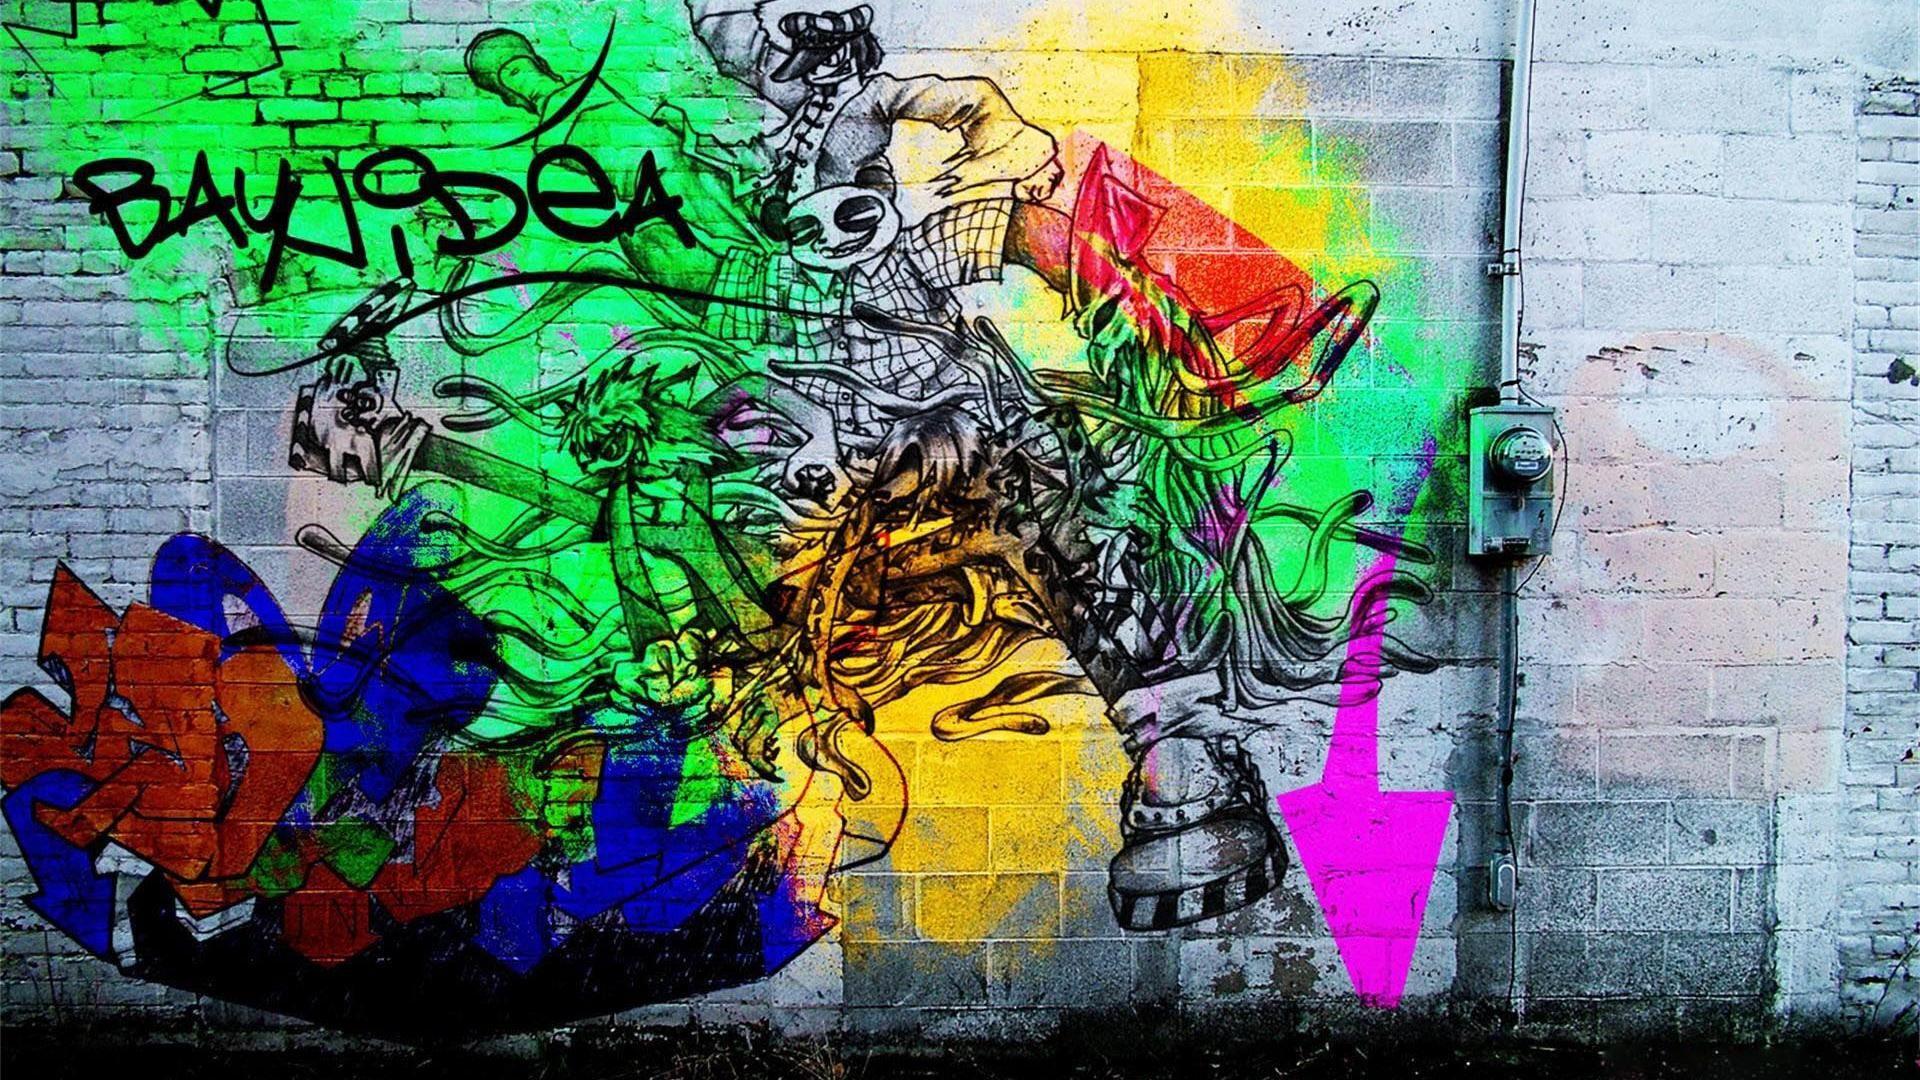 D Graffiti Background III HD Desktop Wallpaper High Definition